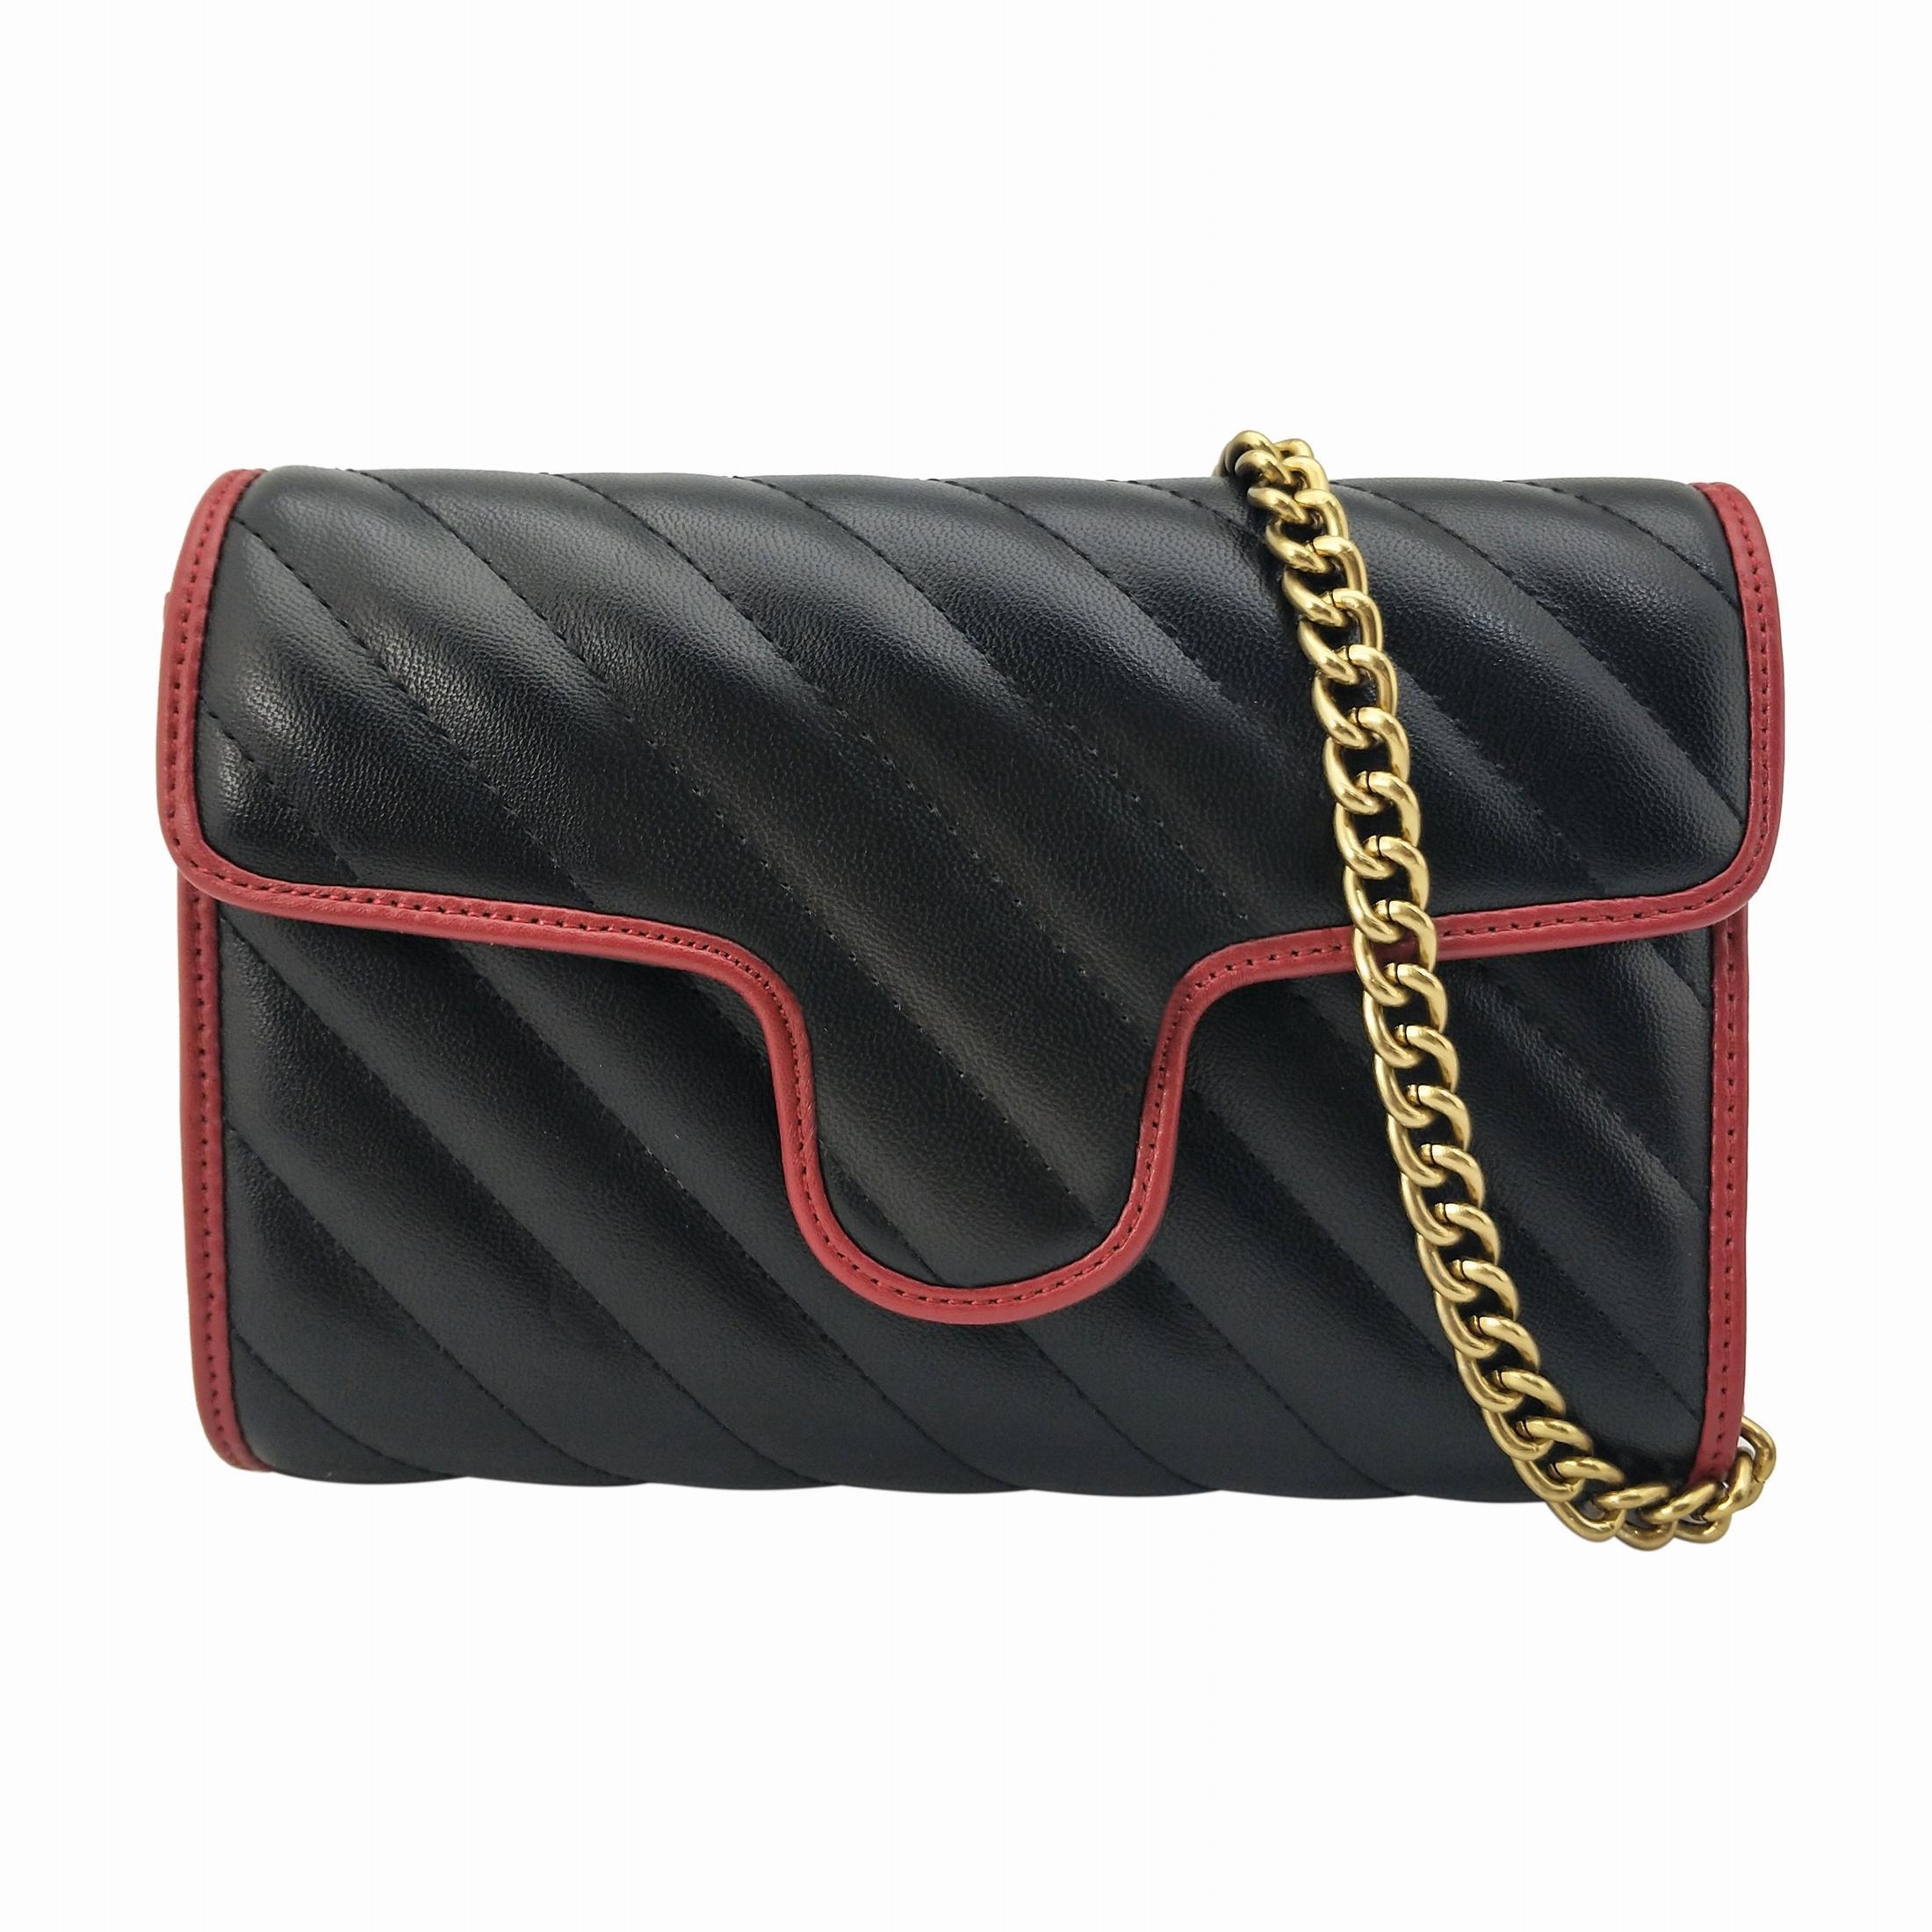 Moda Kadın Omuz Çantaları Altın Zincir Çapraz Vücut Çanta PU Deri Çanta Çanta Kadın Messenger Çanta Tote Cüzdan 443497 Sacs à Ana